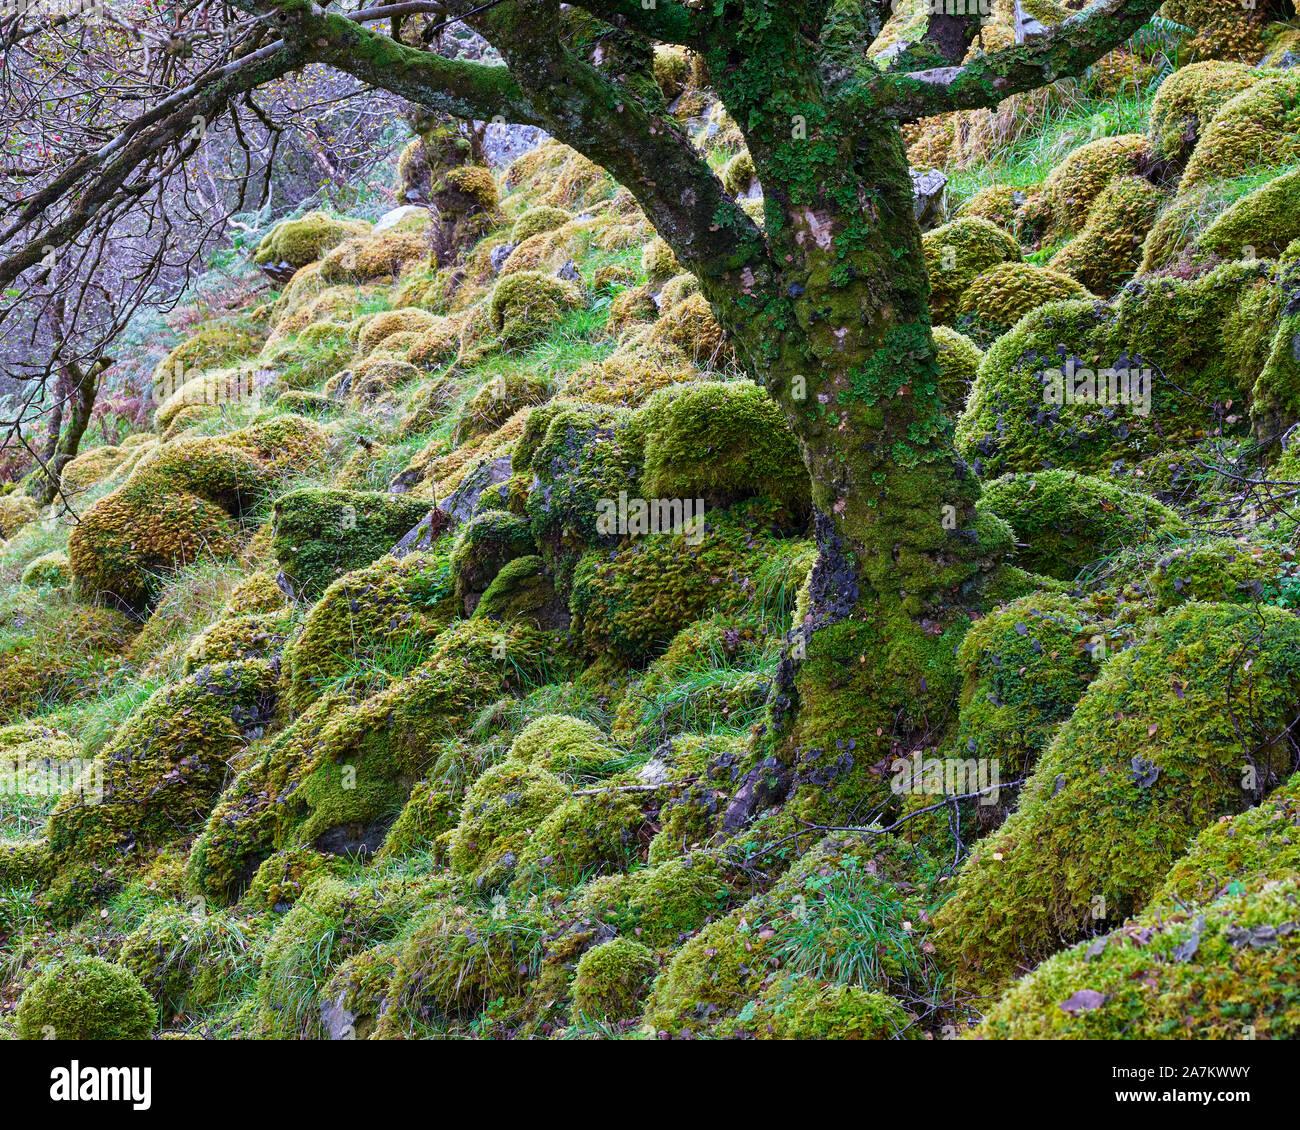 Rocas cubiertas de musgo y troncos de árboles en bosques nativos, Assynt, Sutherland, Highland, Escocia. Foto de stock